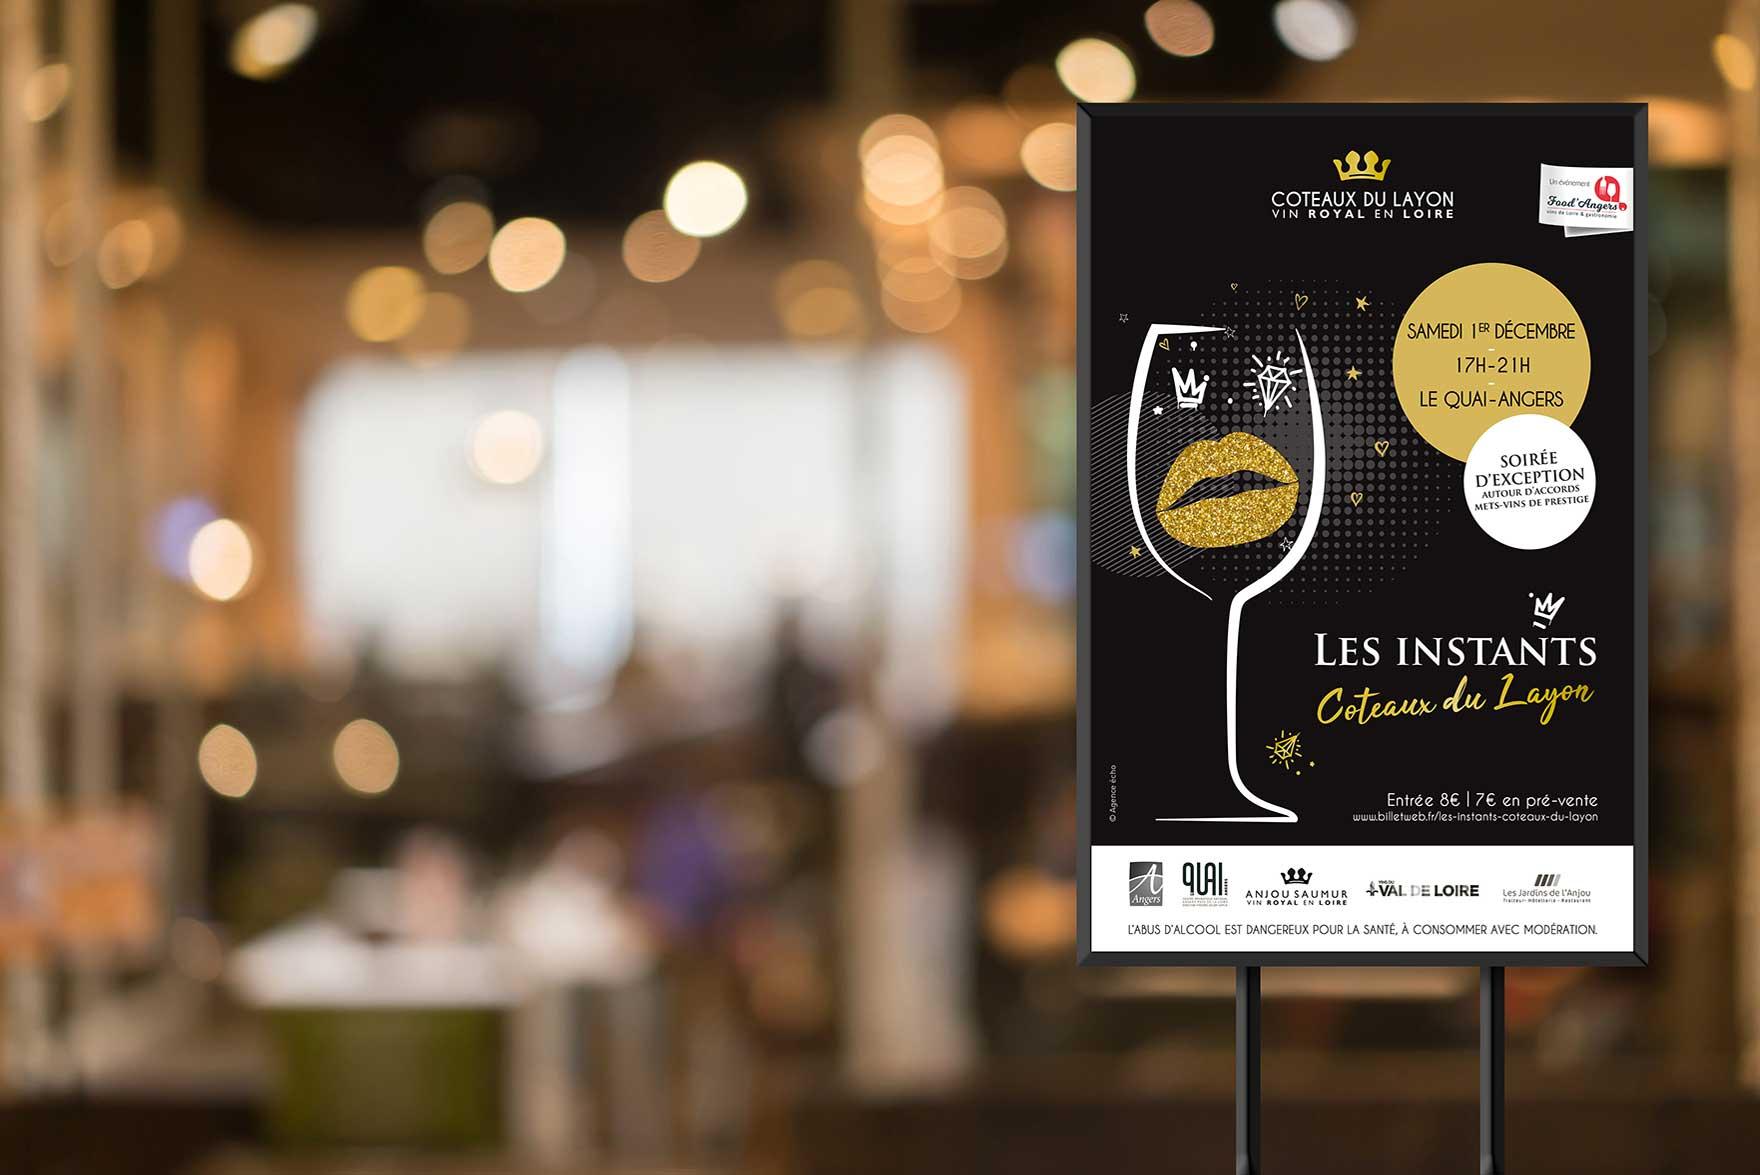 Fédération-viticole_Affiche_Instants-Layon